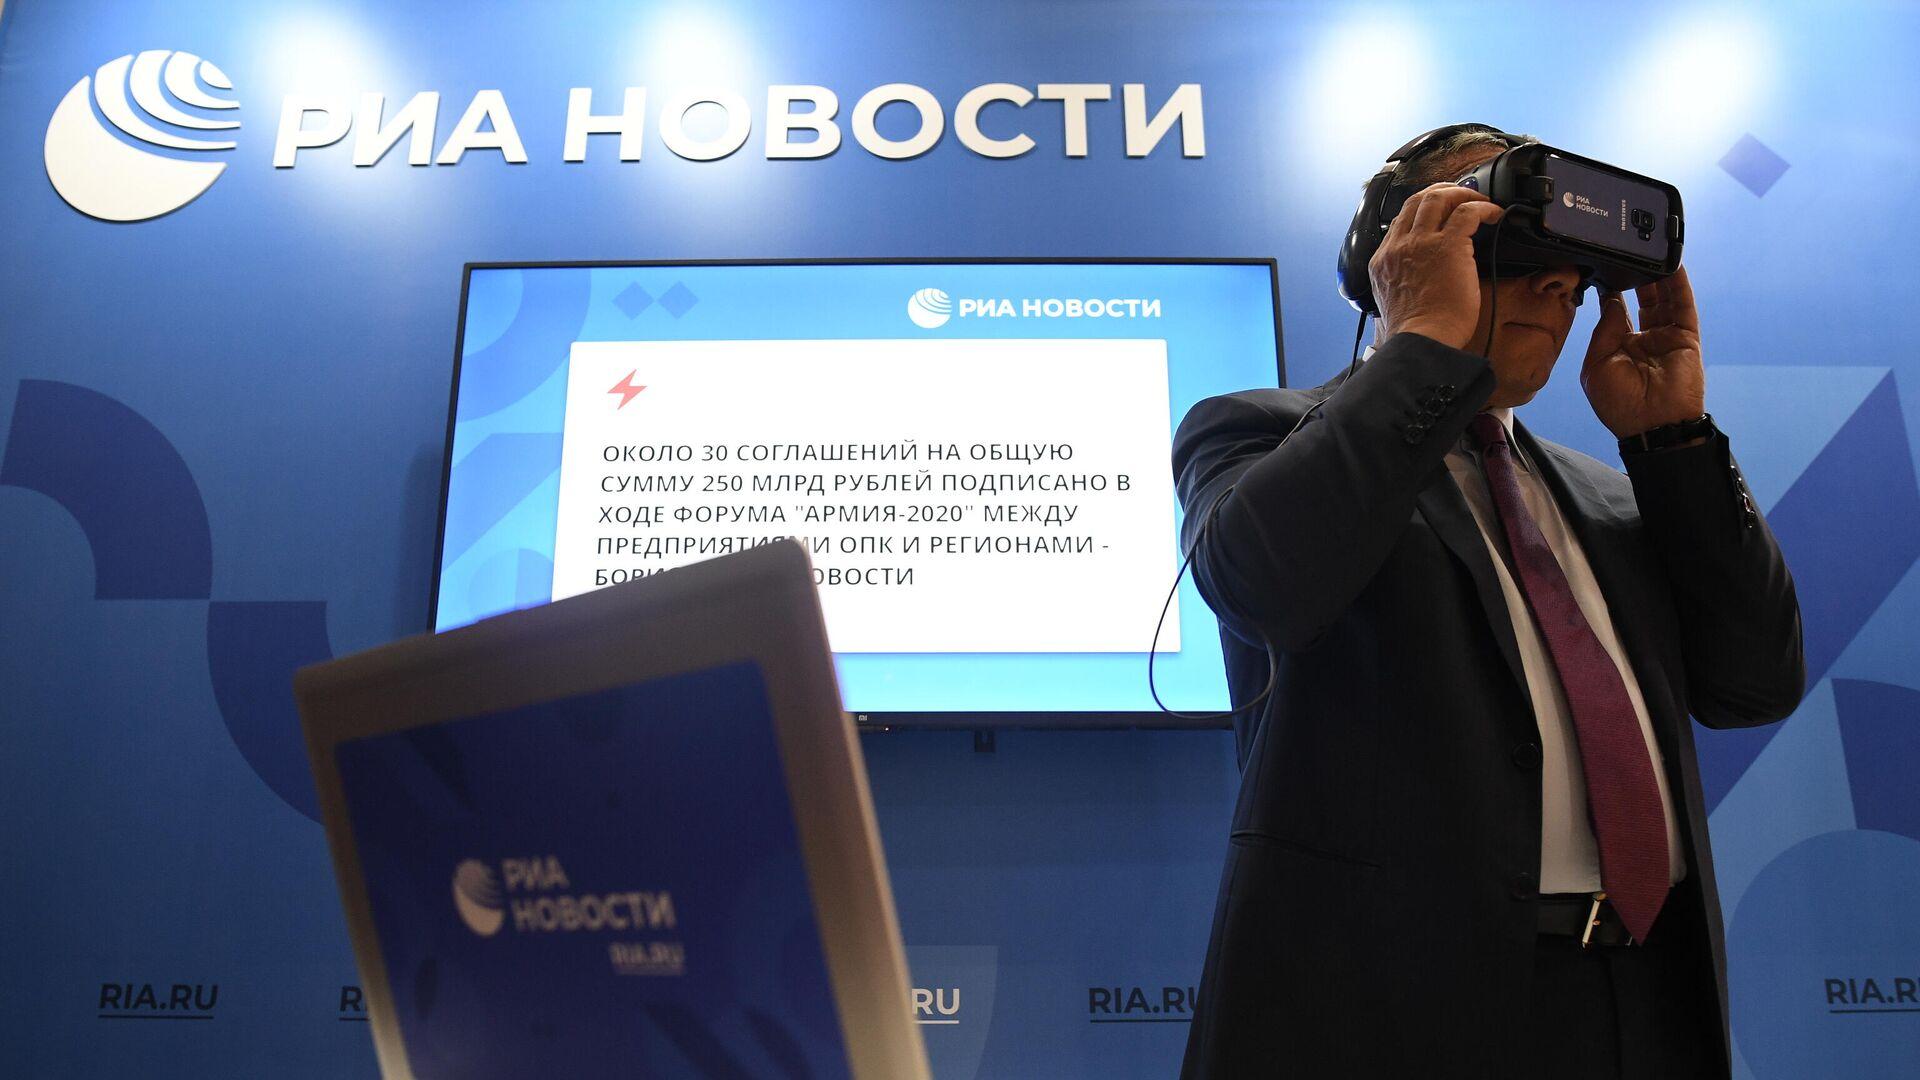 Вице-премьер Борисов оценил VR-проект РИА Новости Неизвестный знаменосец - РИА Новости, 1920, 25.08.2020